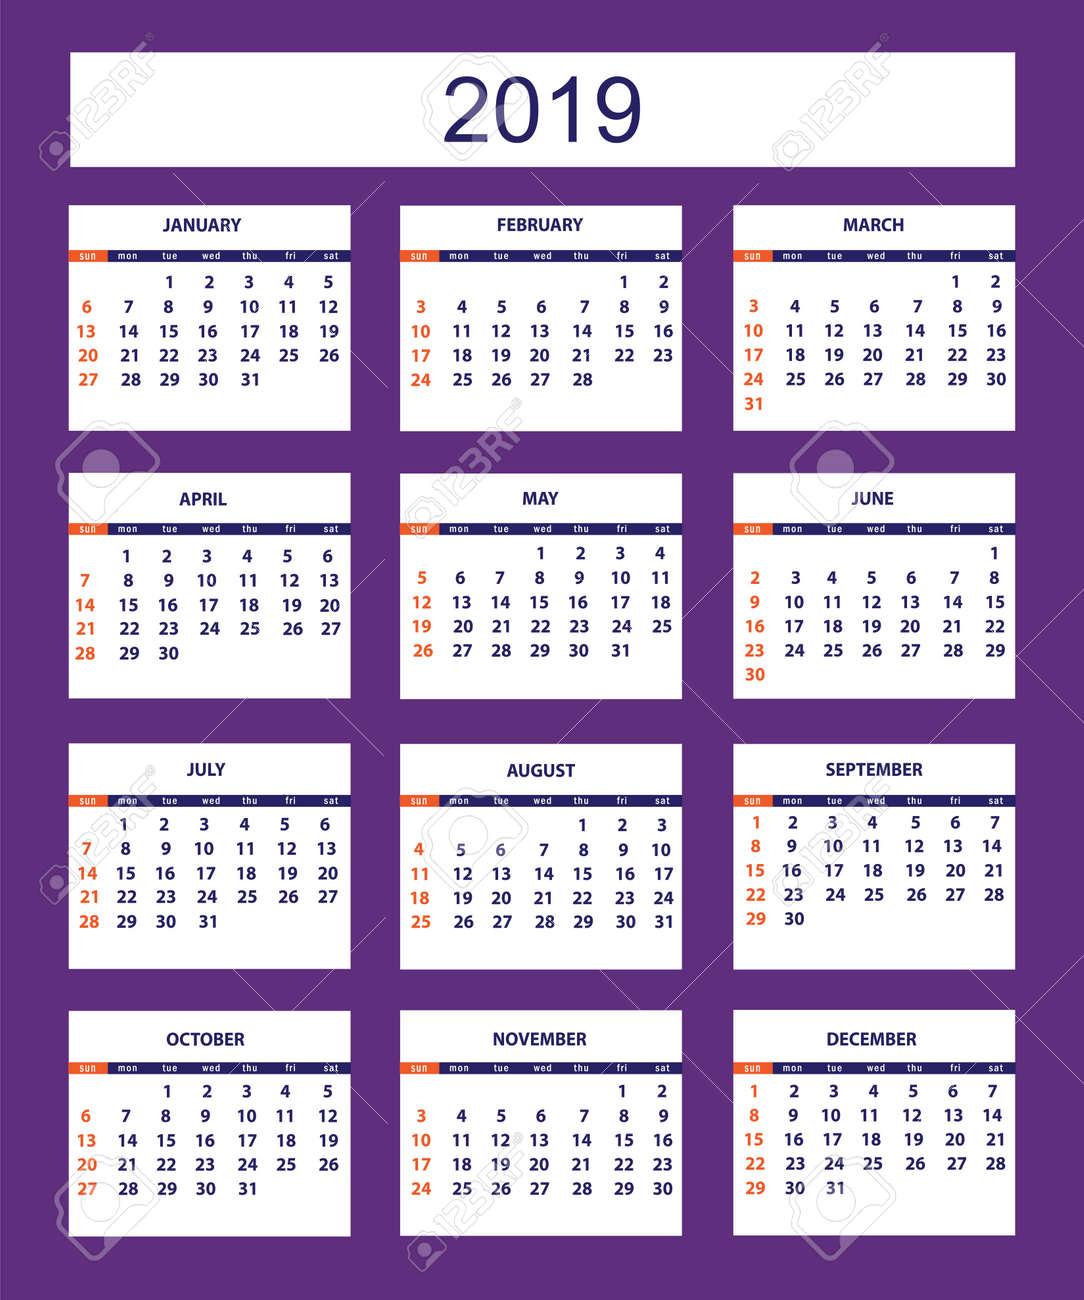 Calendario Americano Clásico Para El Año 2019 De La Pared En El Fondo Violeta Idioma En Inglés La Semana Comienza El Domingo Hay Todos Los 12 Meses Eps 10 Ilustraciones Vectoriales Clip